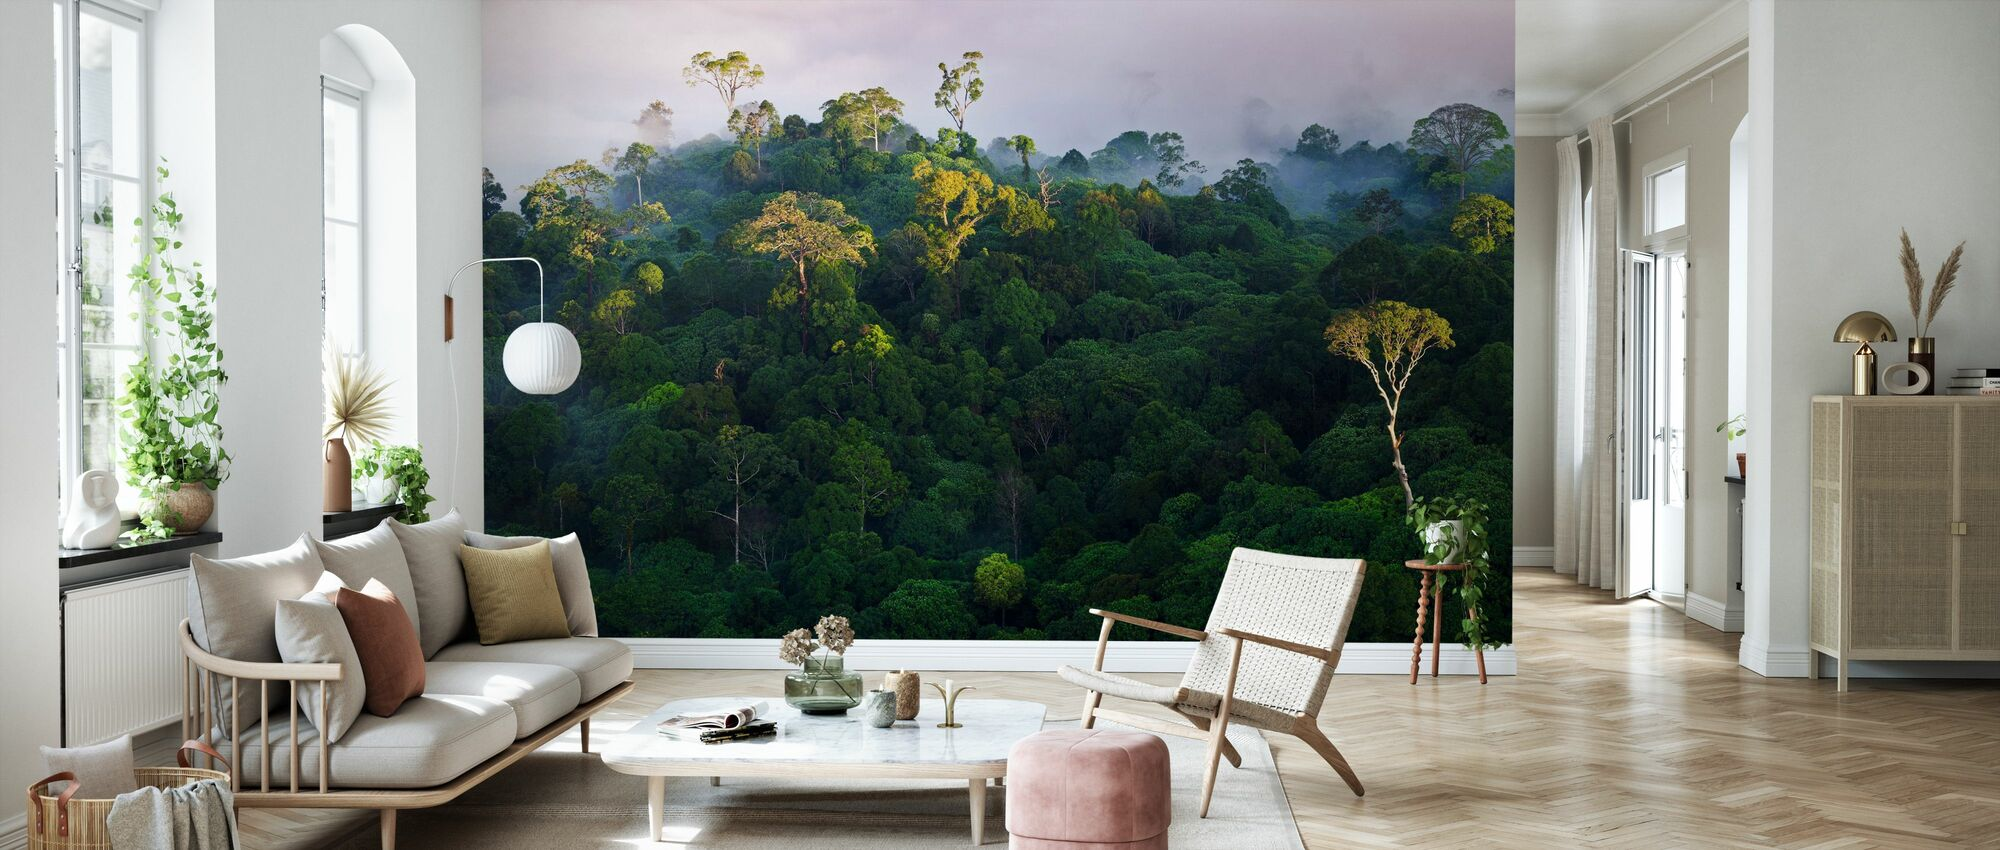 Sunrise at Lowland Rainforest - Wallpaper - Living Room